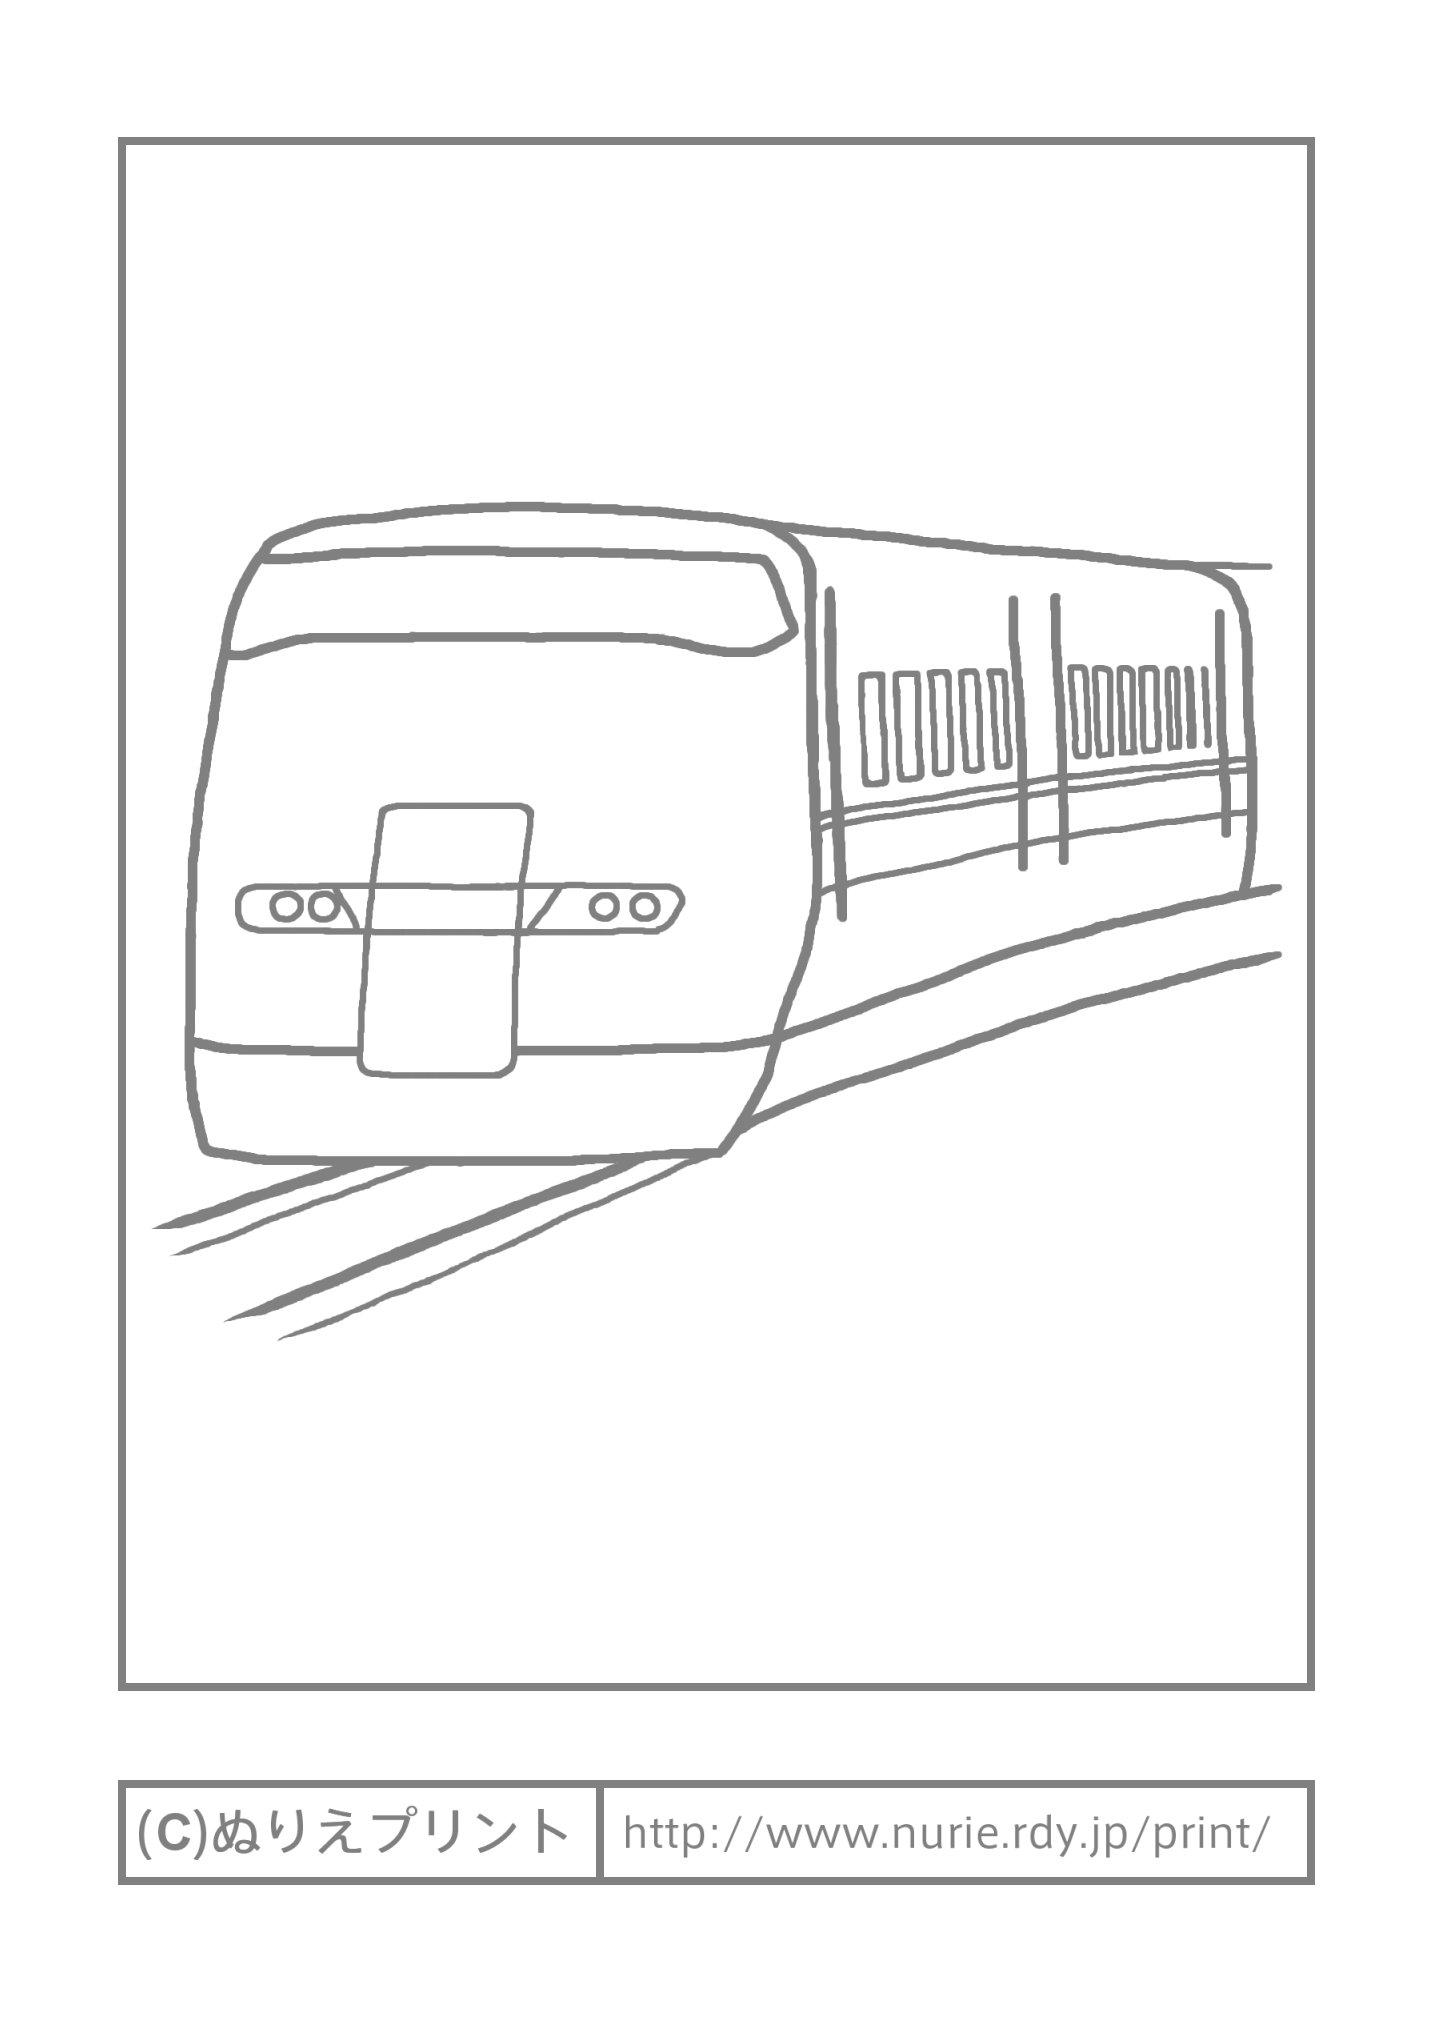 ... 電車/乗り物/こどものぬりえ : ぬりえ 電車 : すべての講義